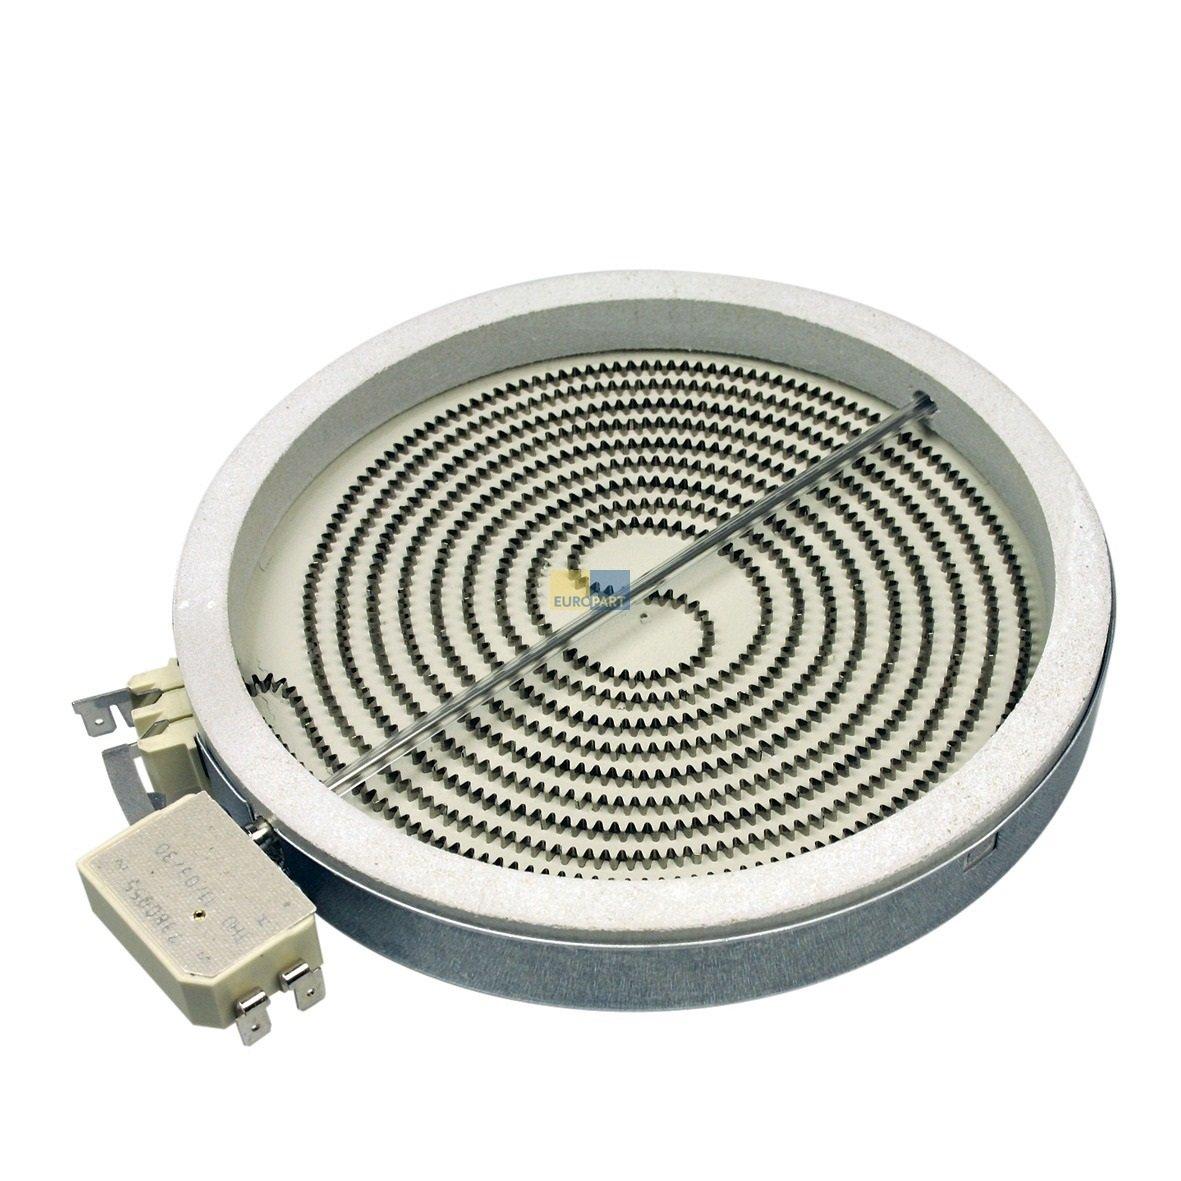 Inyección Radiador de calefacción Zona vitrocerámica 180 mmØ ...